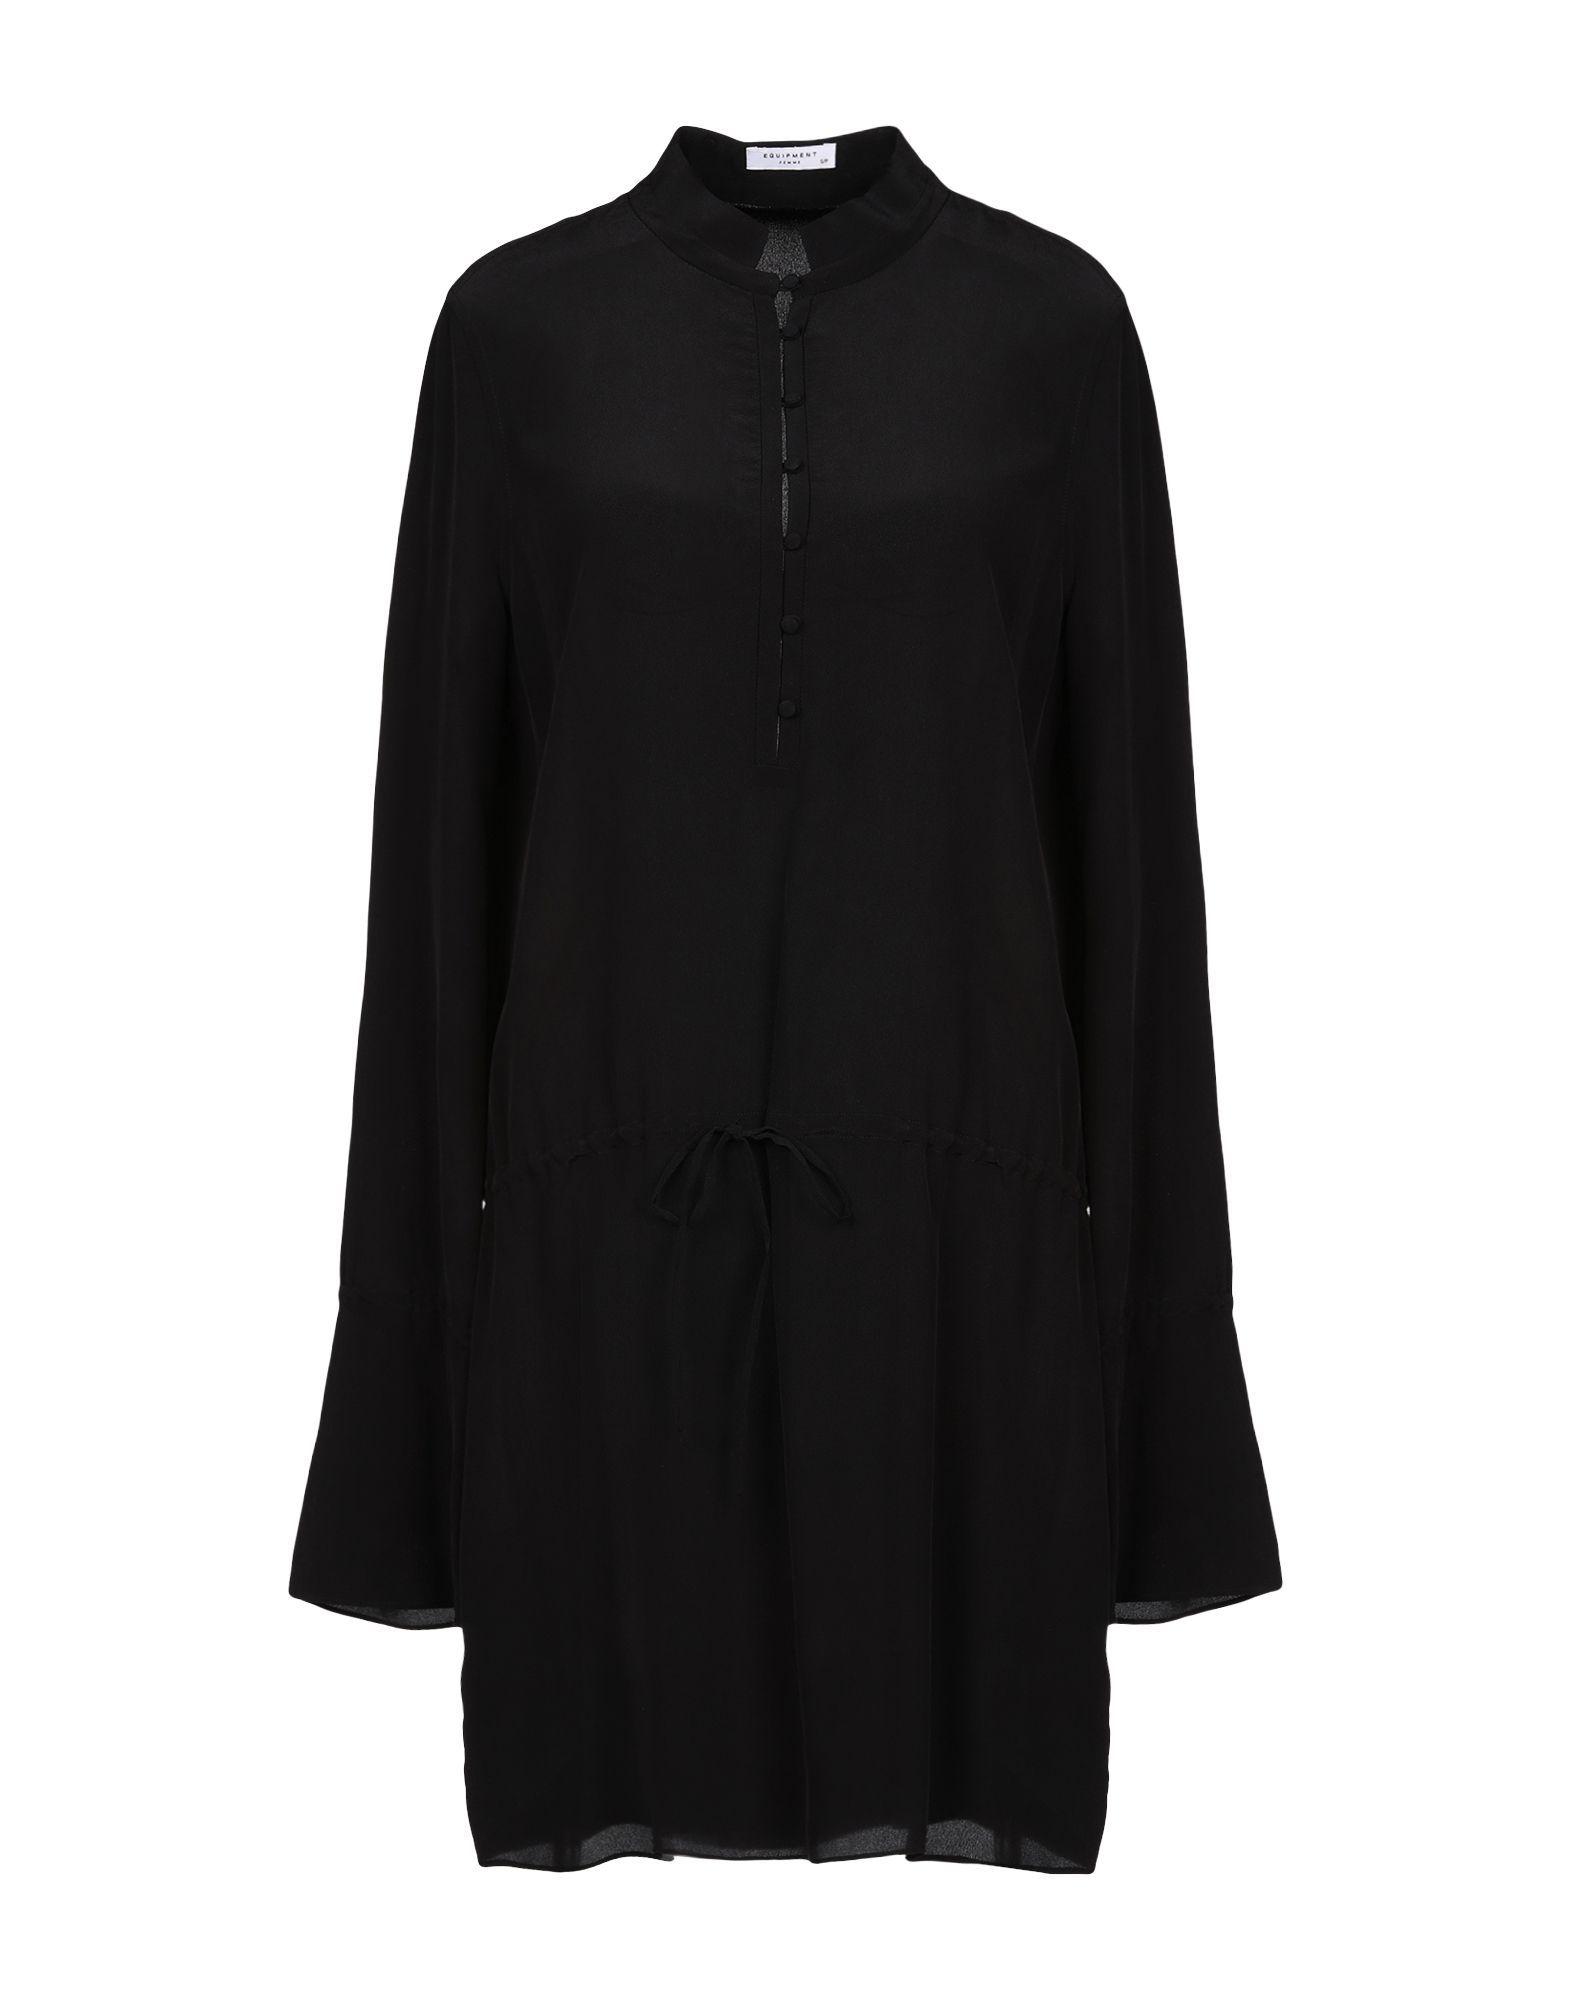 Equipment Black Silk Long Sleeve Shirt Dress